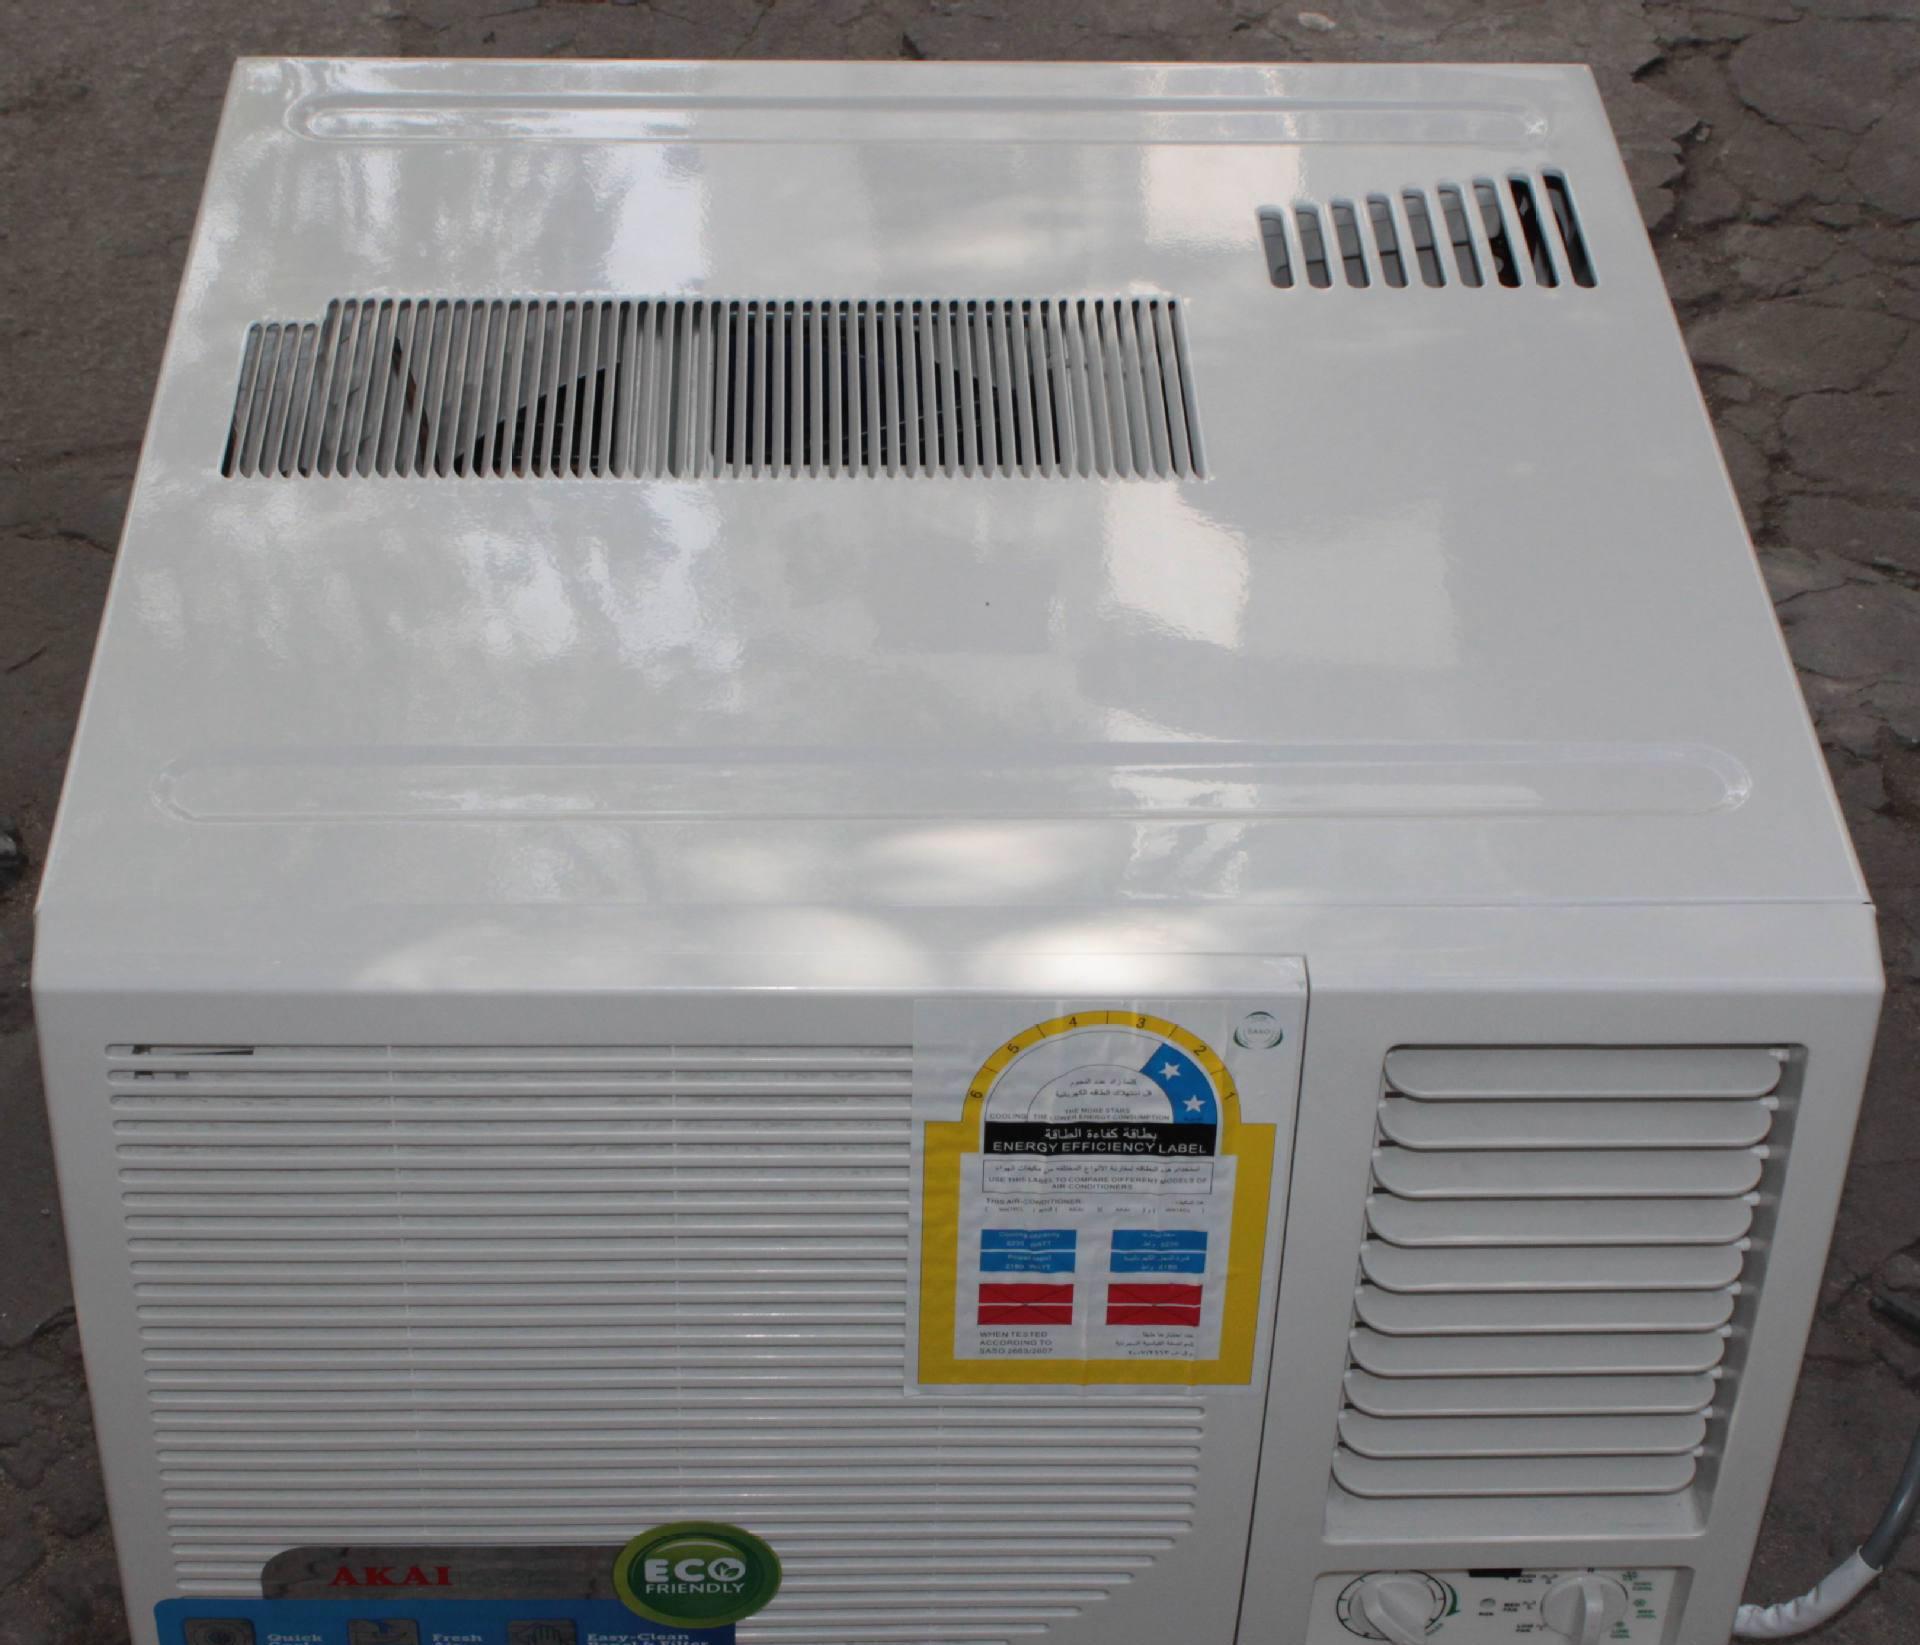 窗式空调安装流程有哪些—窗式空调安装步骤与方法